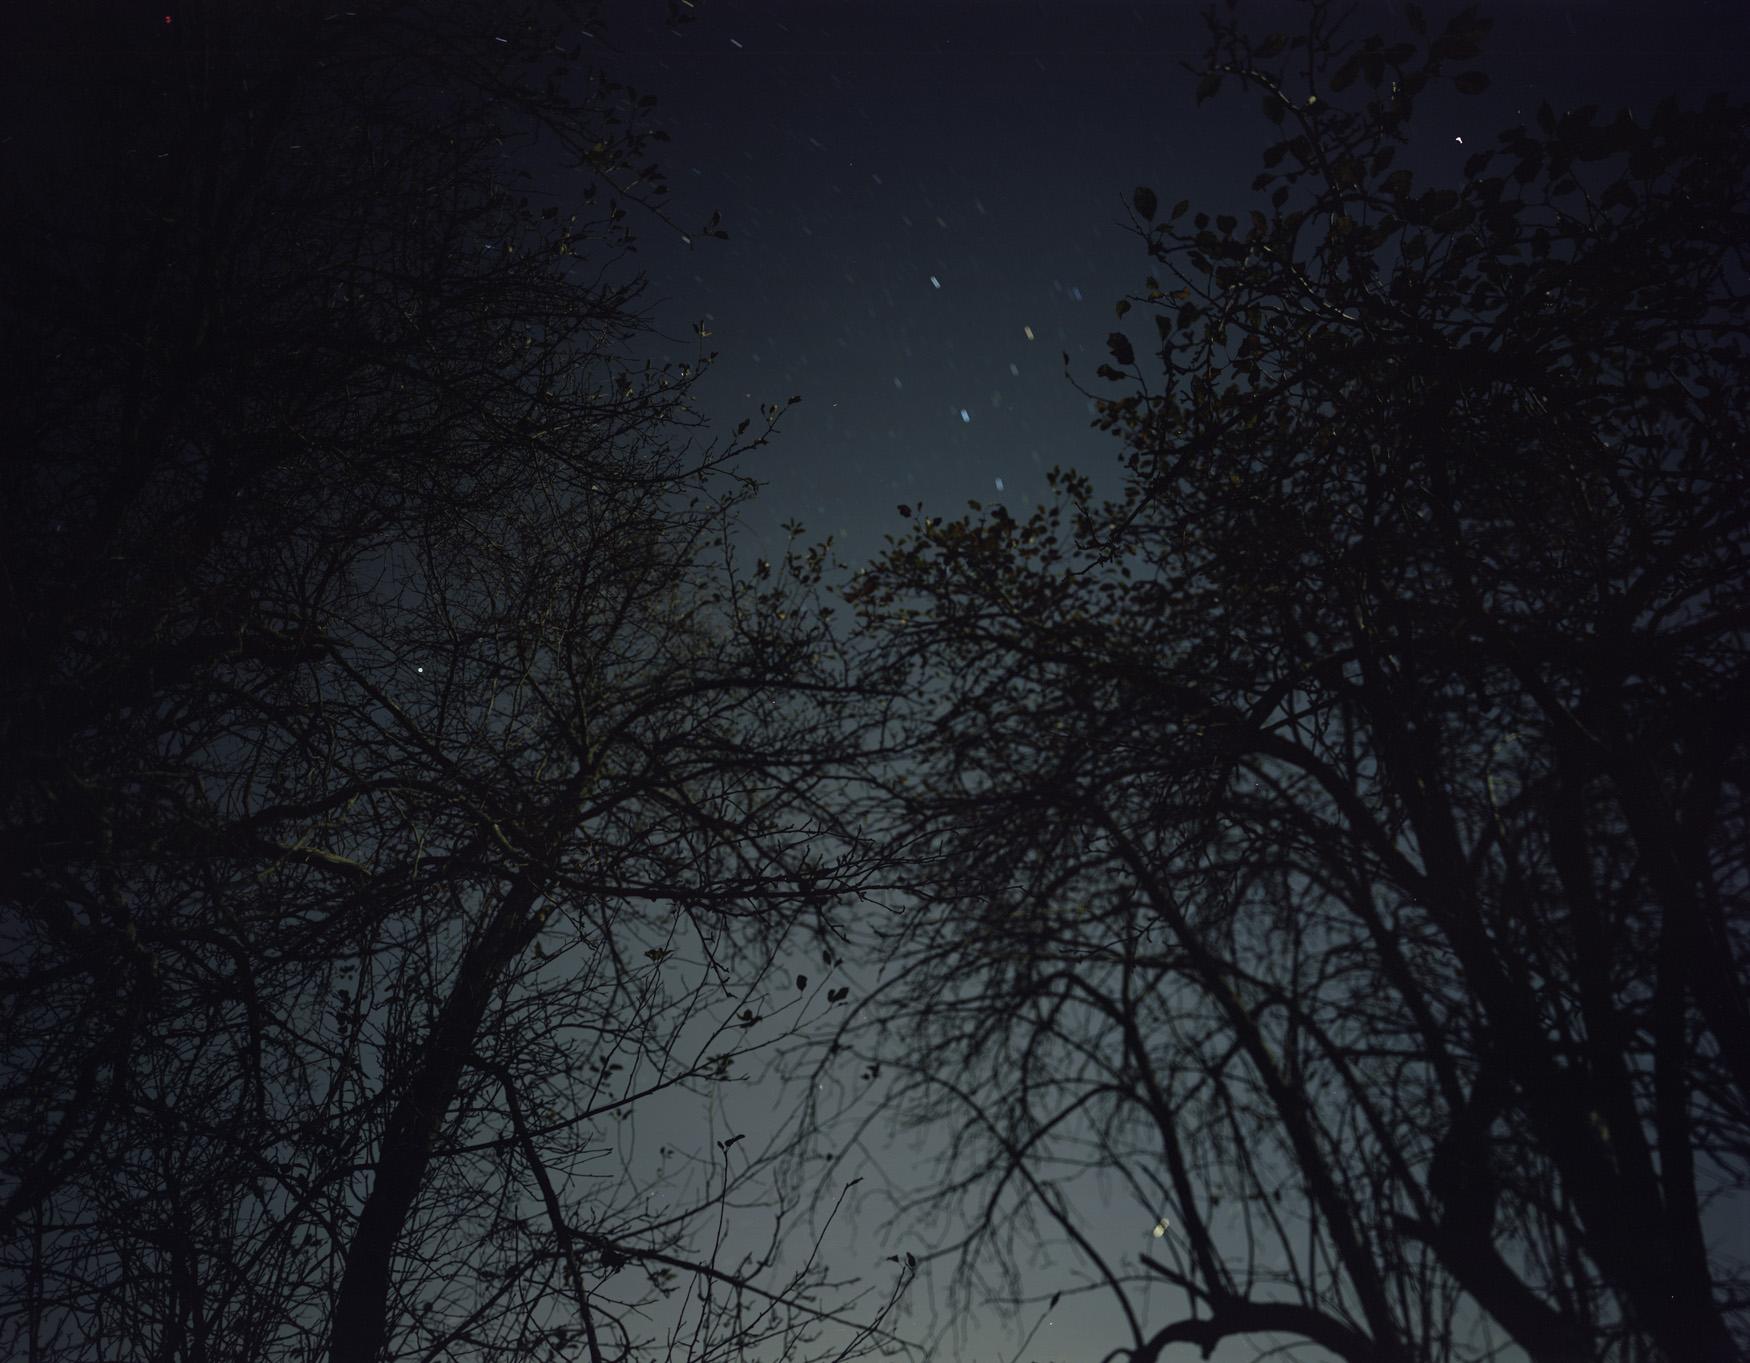 05-335 Meadow, night.jpg